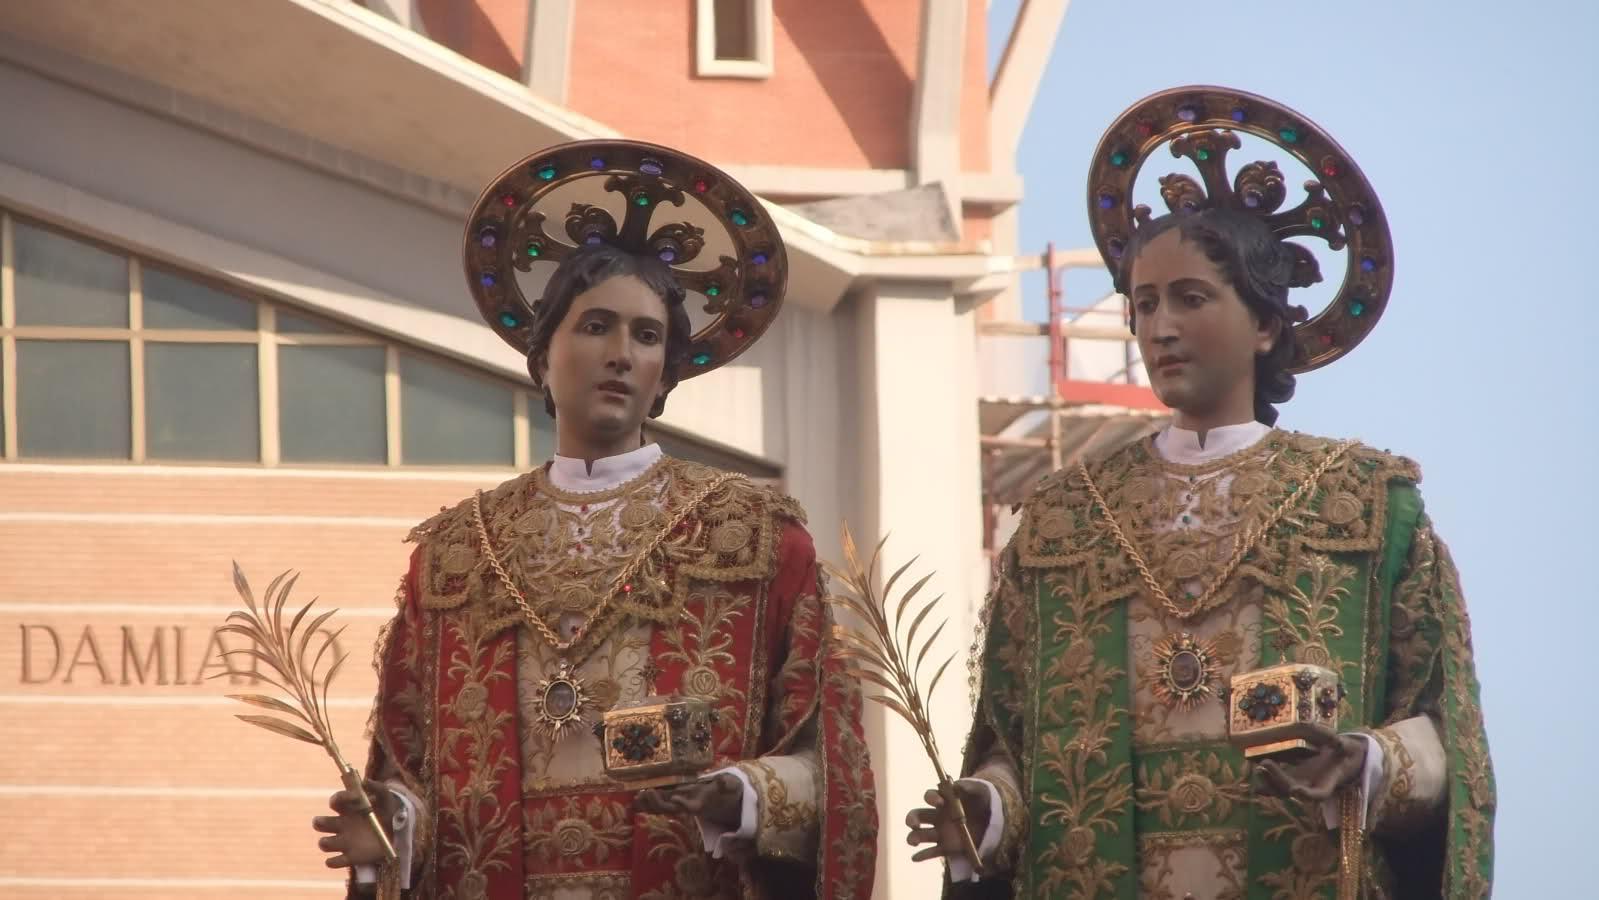 Santi Medici Cosma e Damiano processione 2017